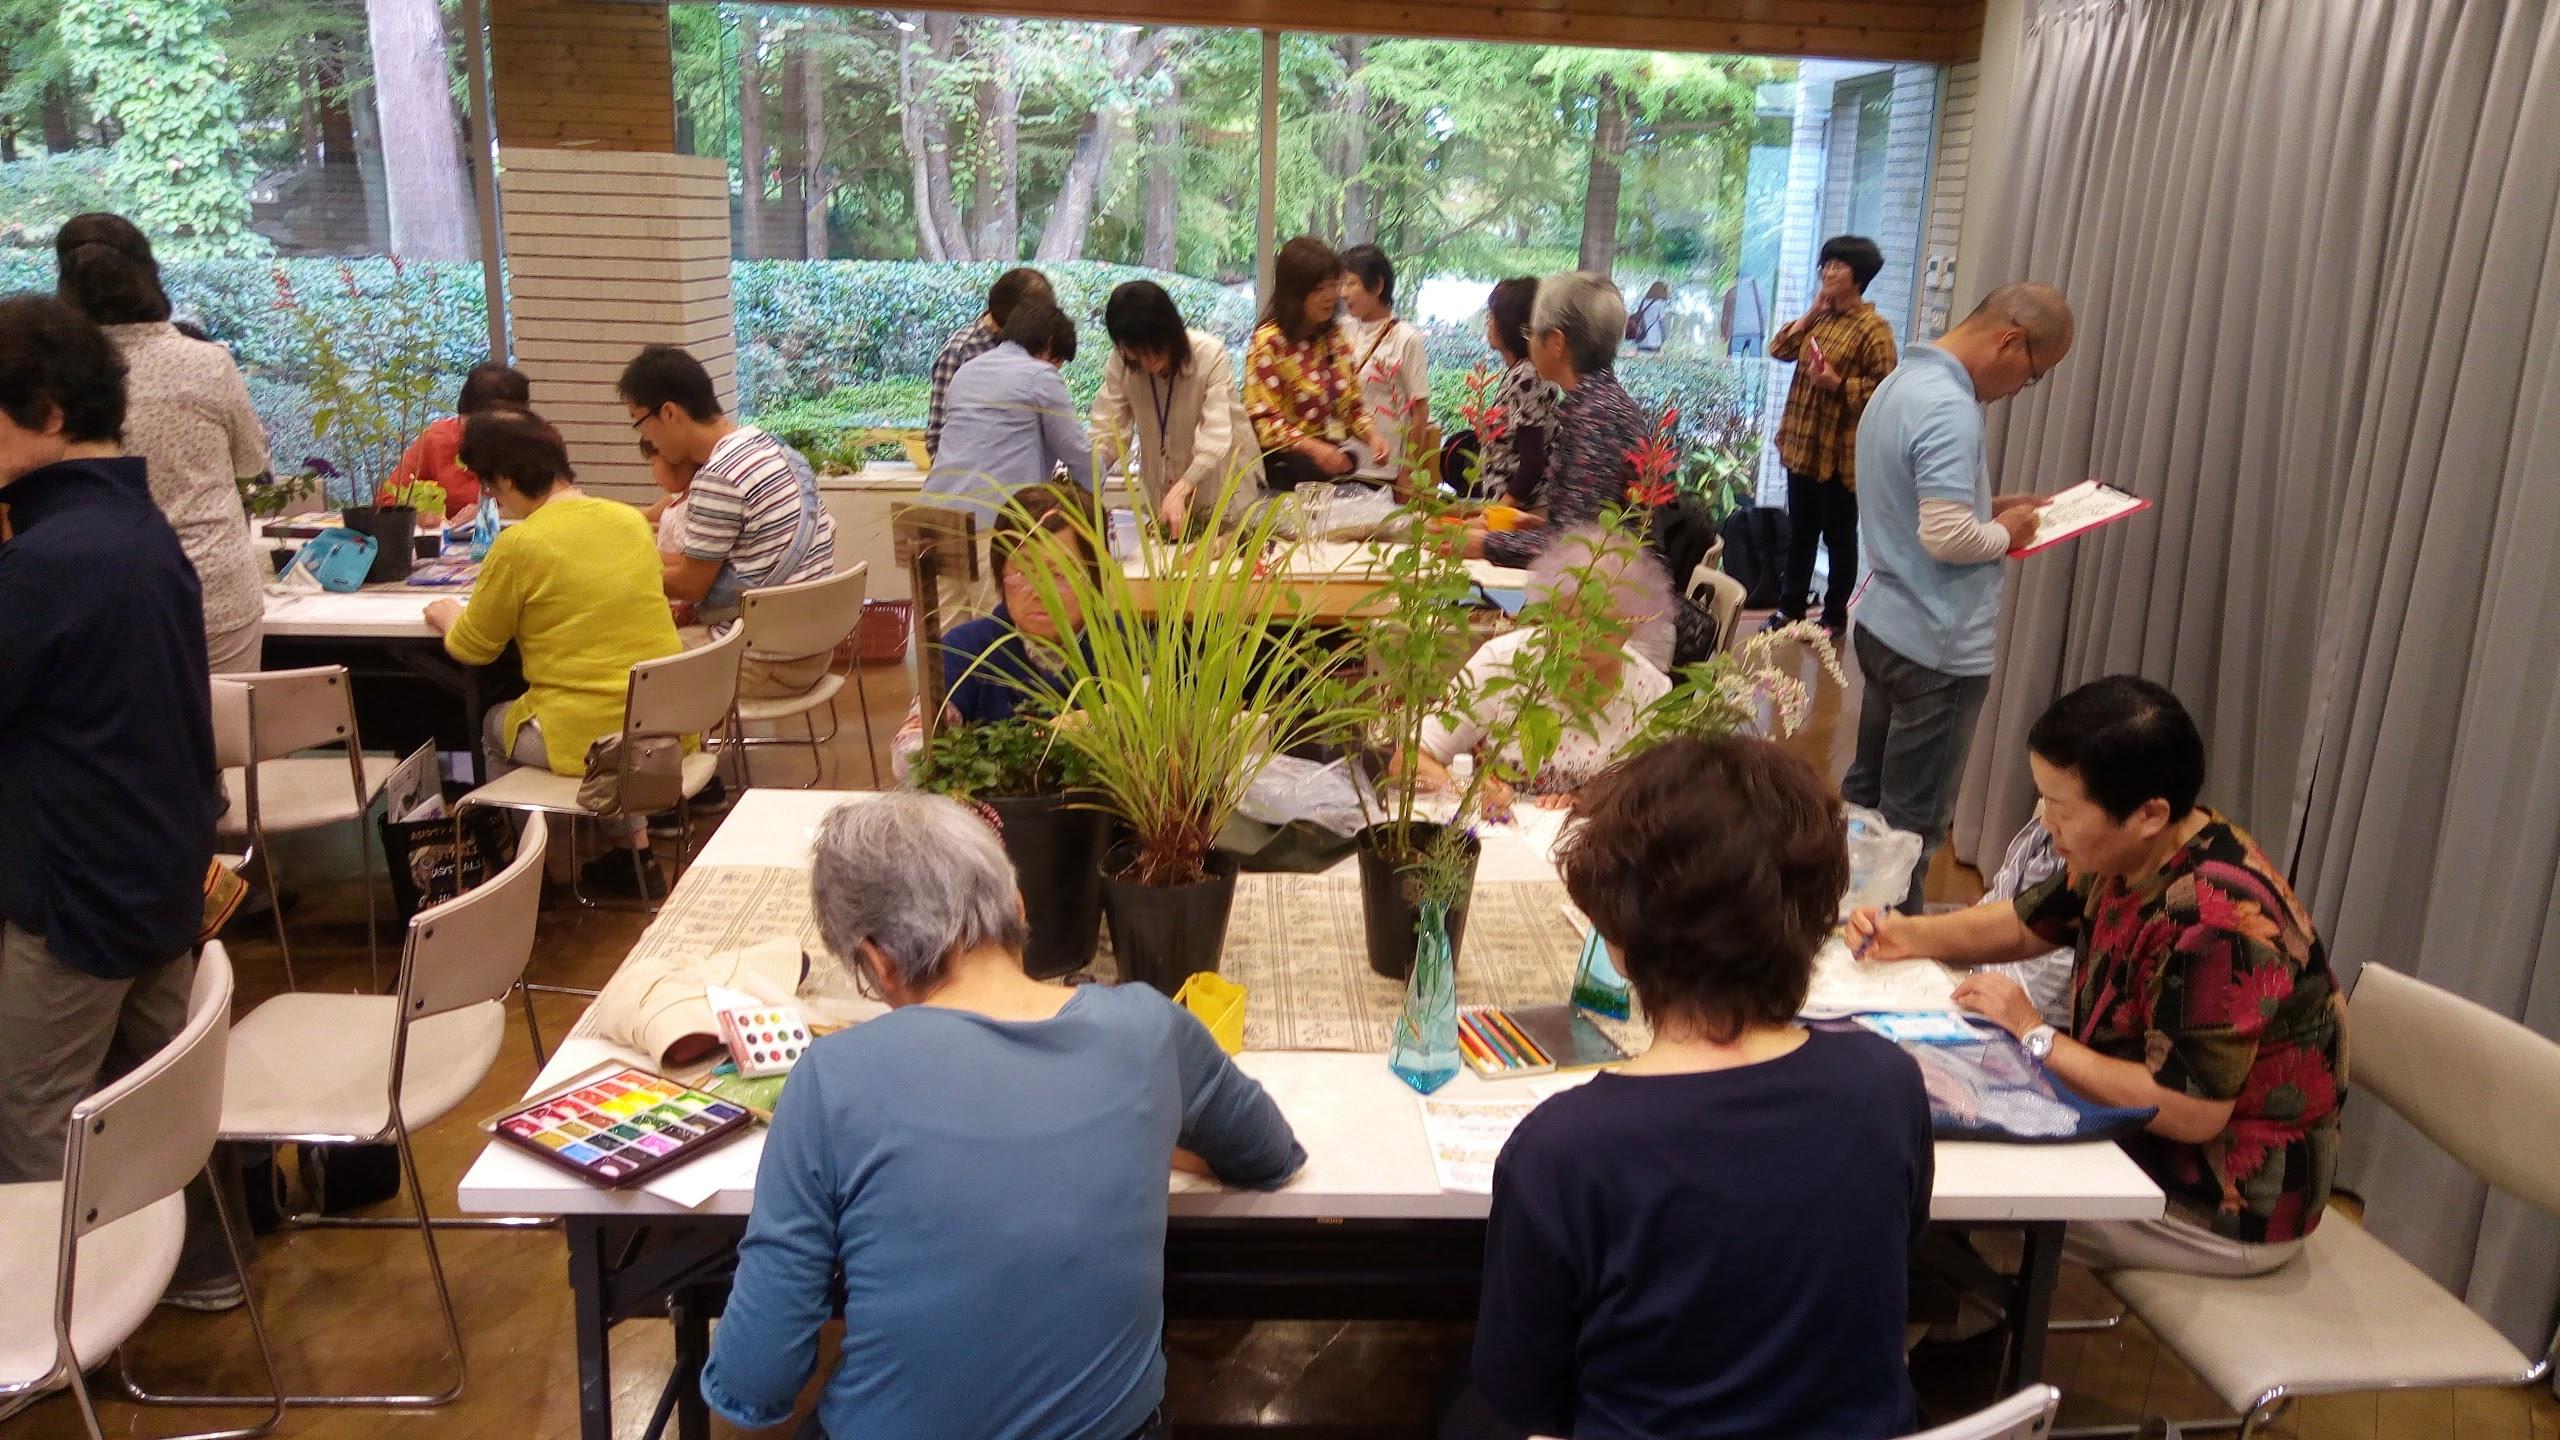 ハーブを観察し、思い思いに絵を描く参加者@水戸市植物公園